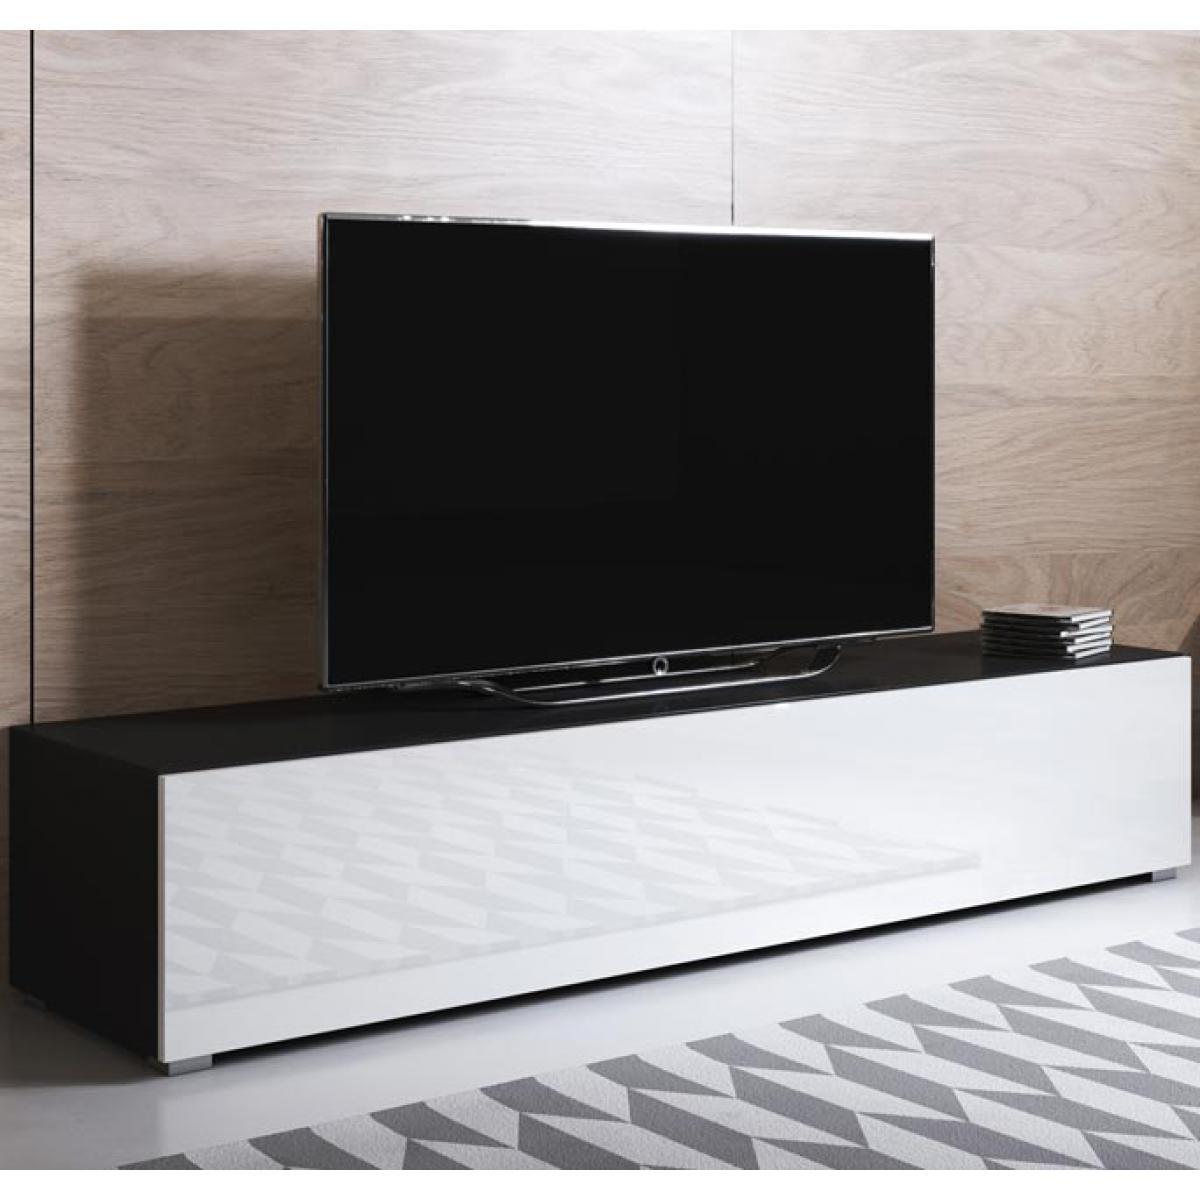 Design Ameublement Meuble TV modèle Luke H2 (160x32cm) couleur noir et blanc avec pieds standard